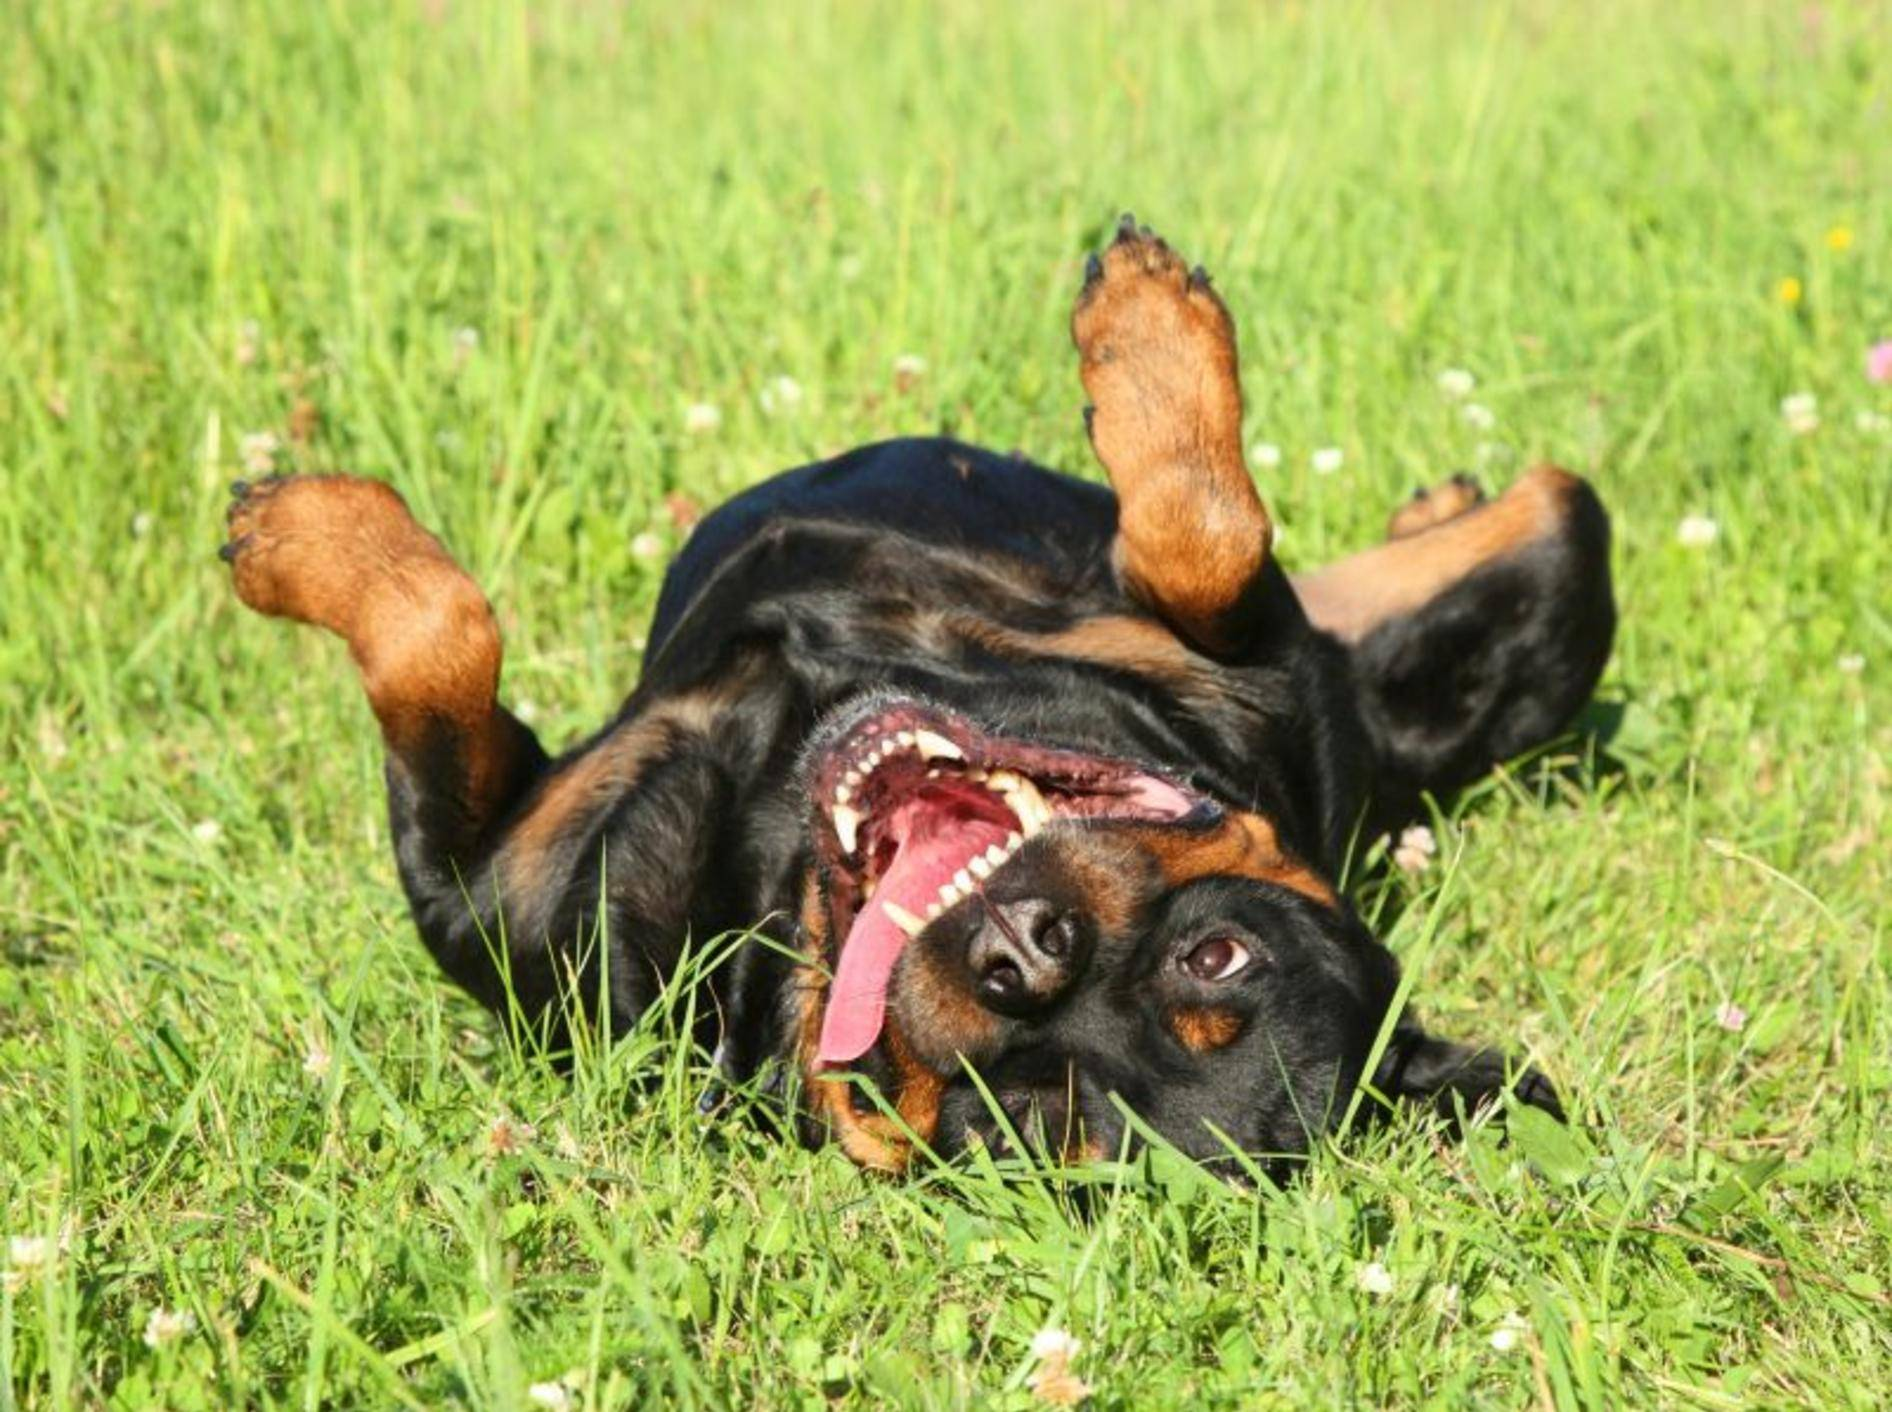 Der Rottweiler braucht Platz und Zeit zum Toben im Freien – Bild: Shutterstock / Jagodka